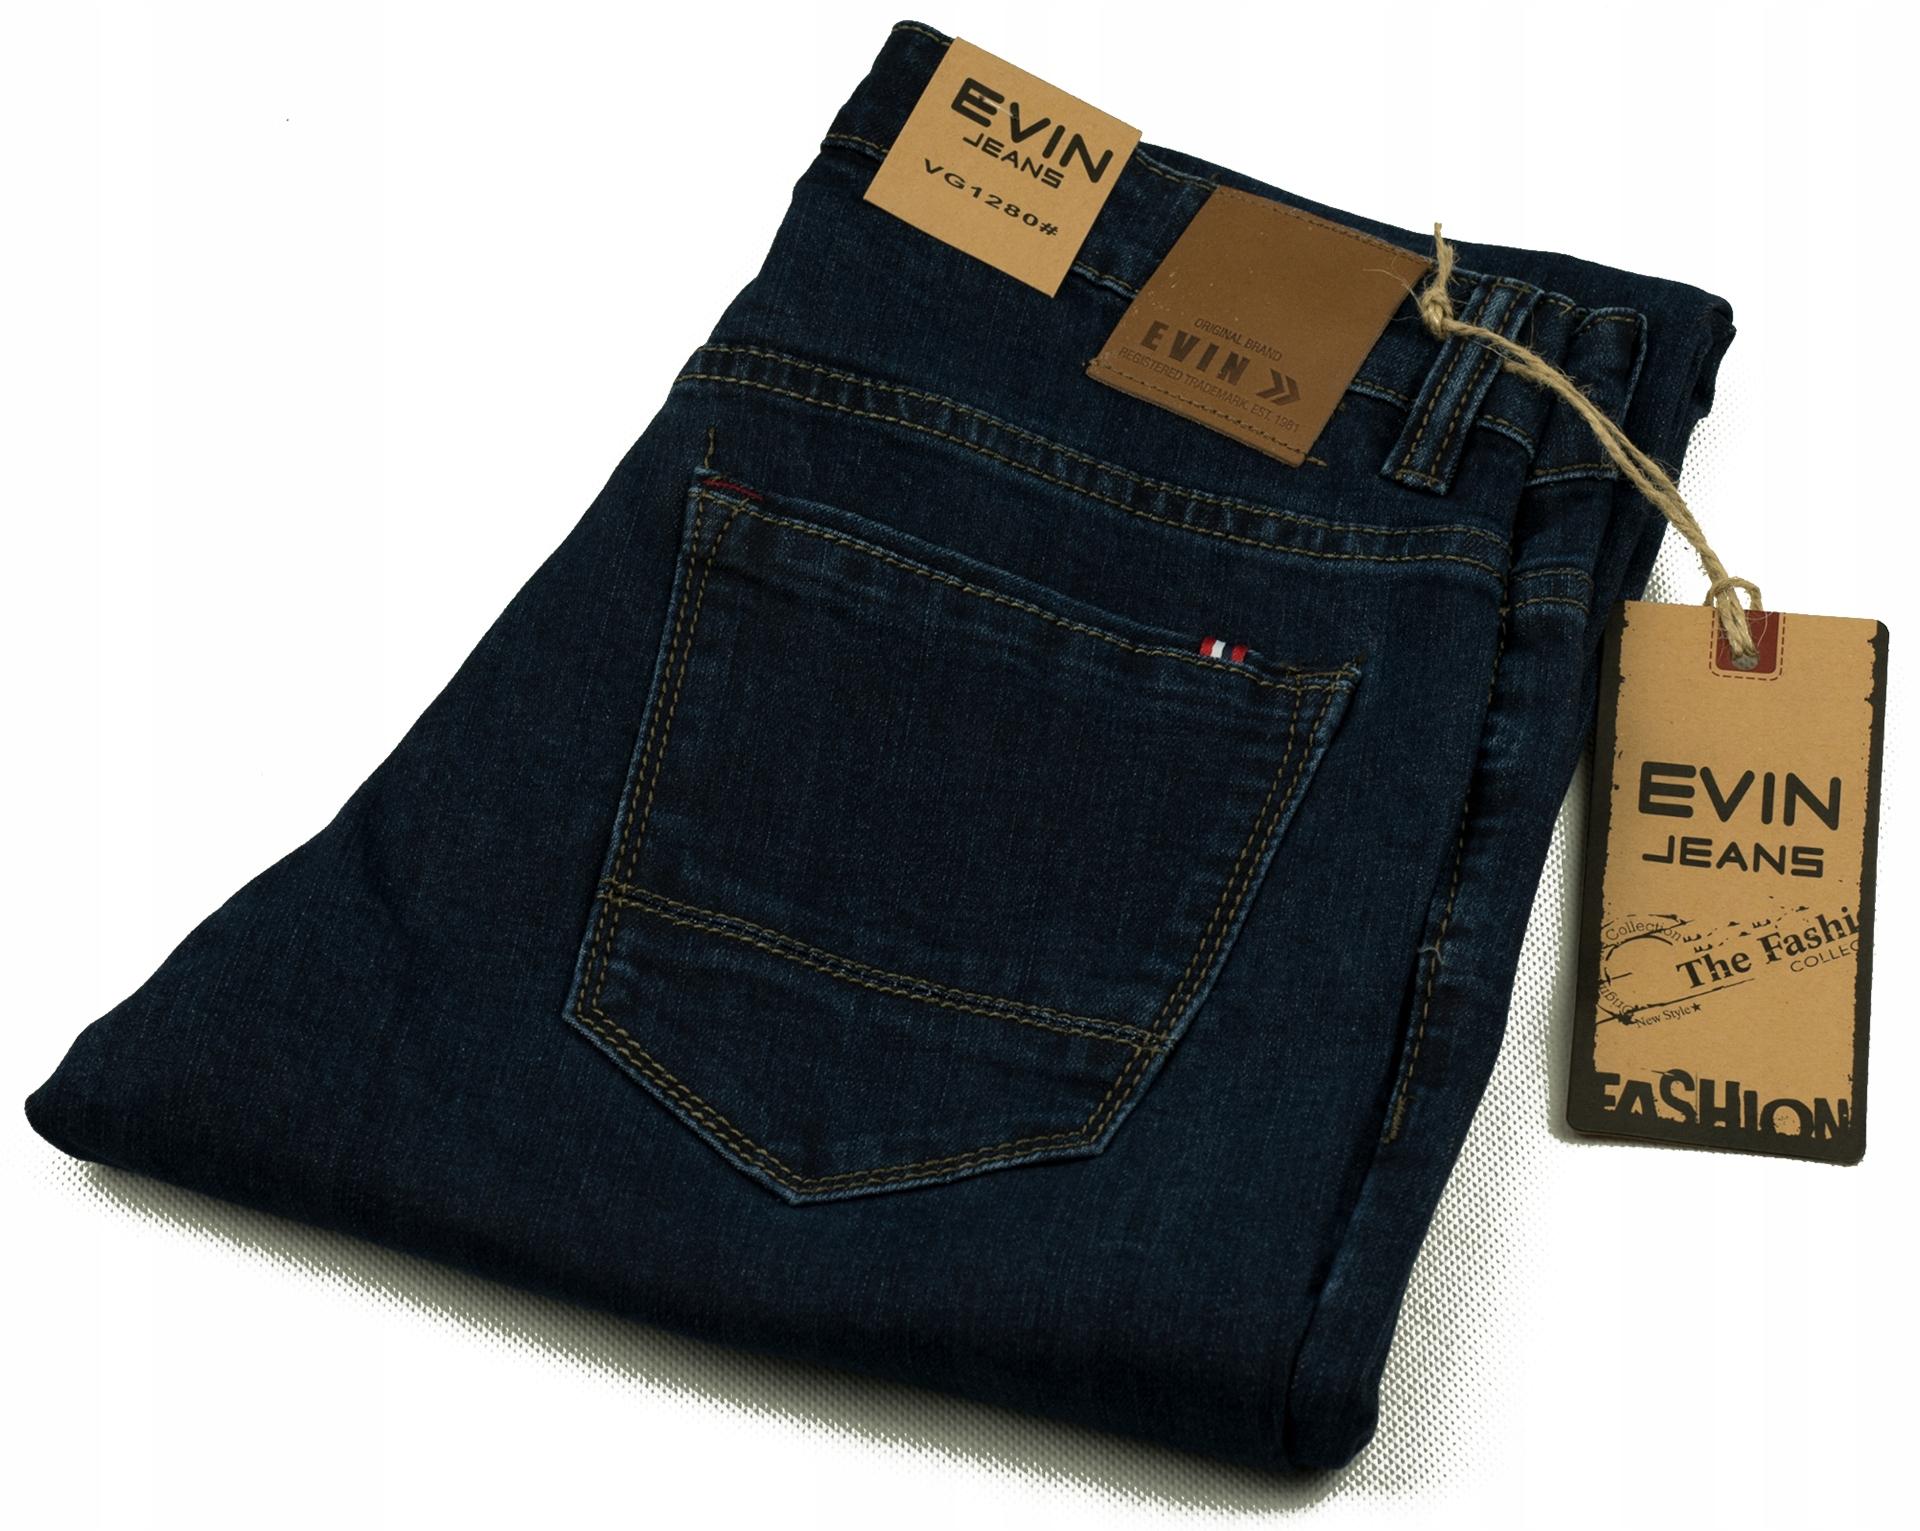 cc9aaeb83 EVIN jeans spodnie granat W30/80 L30/102 - 7714538675 - oficjalne ...